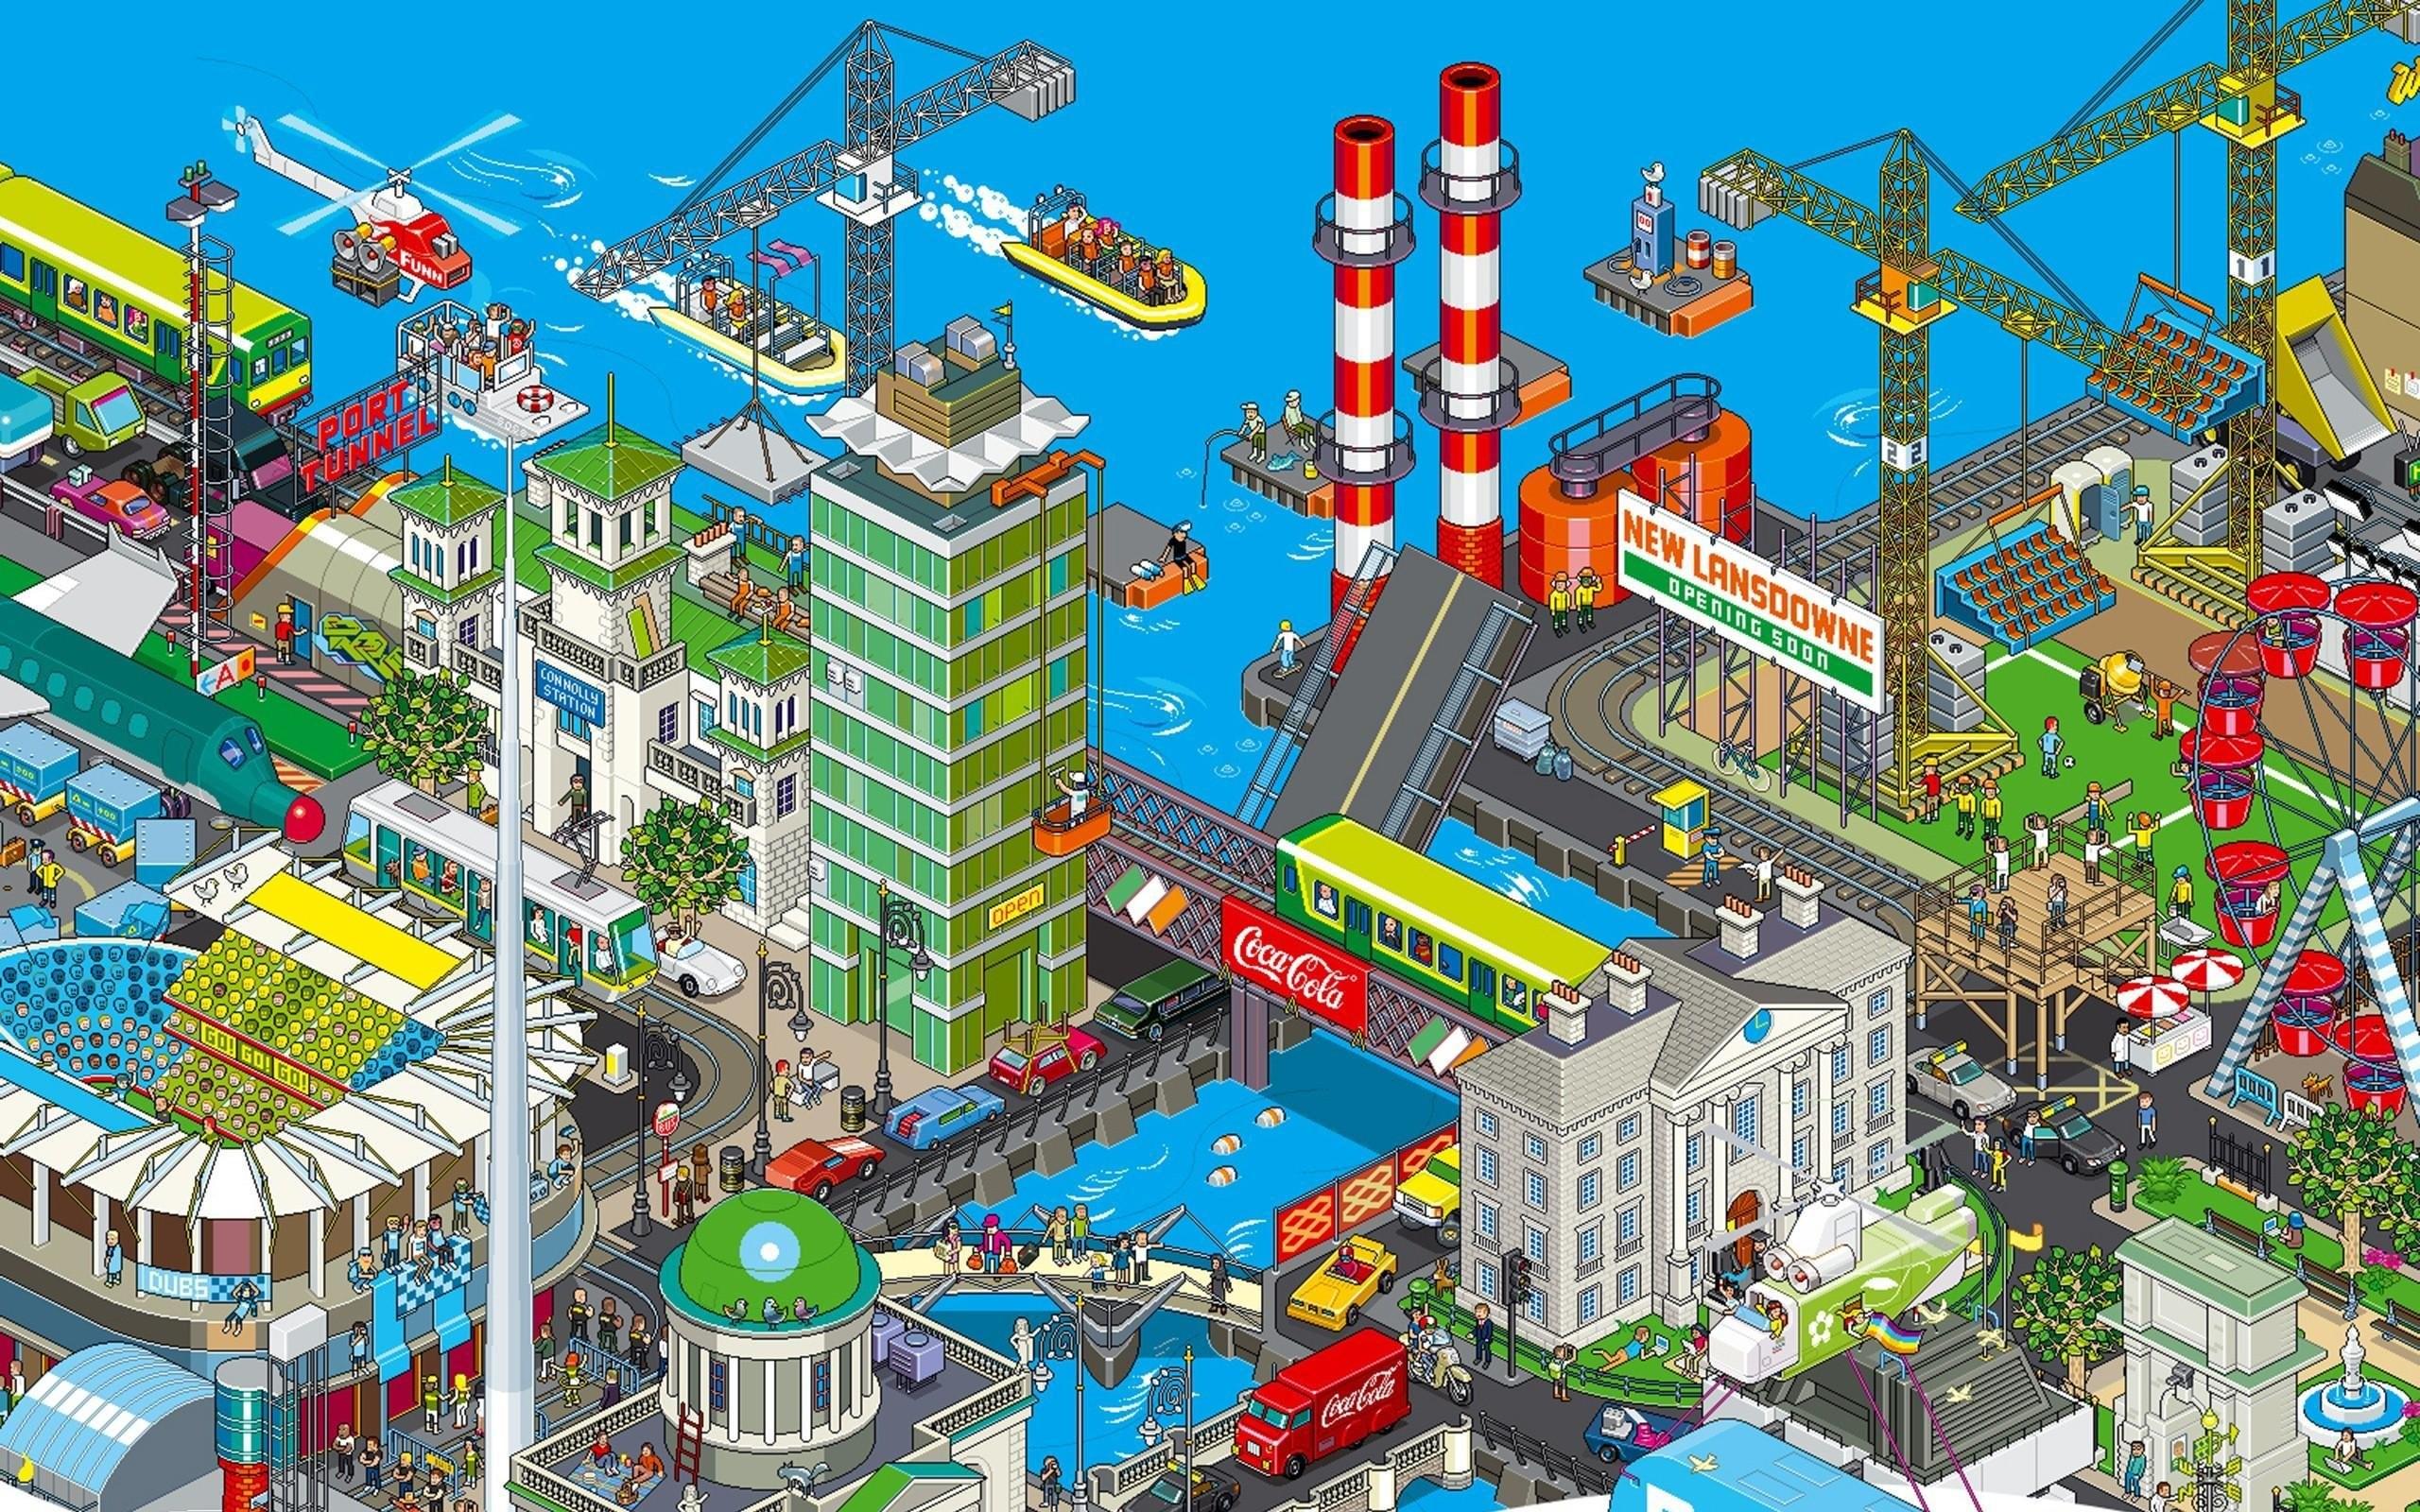 Pixel Art Wallpapers 77 Images